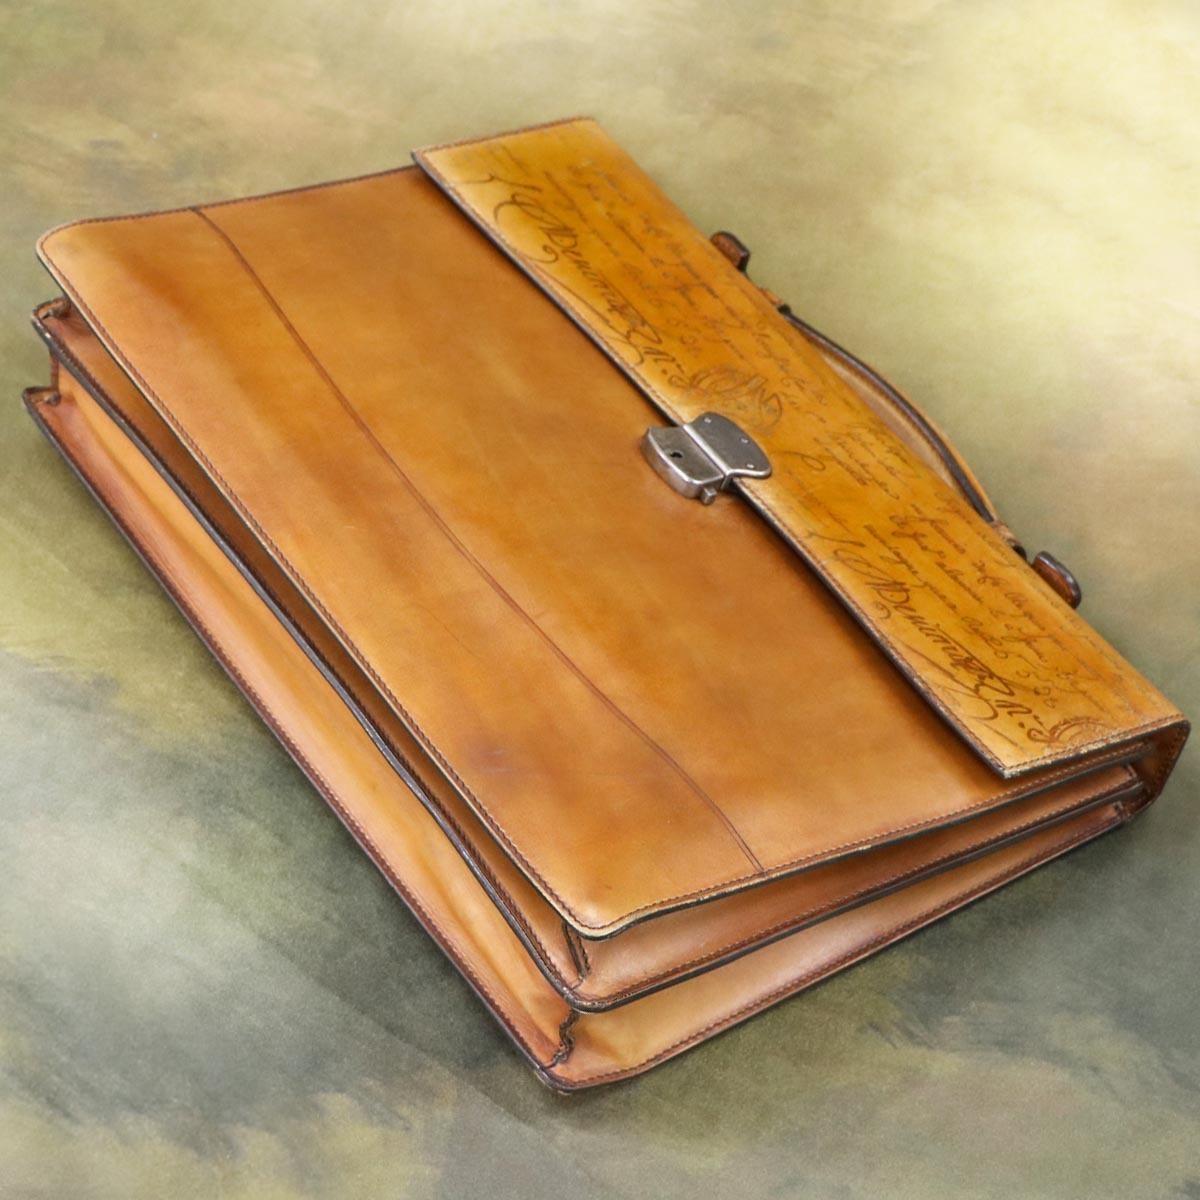 本物 美品 ベルルッティ 絶盤 オルガ期 ヴェネチアスクリットレザー Ecritoire メンズビジネスバッグ A4書類ブリーフケース カリグラフ_画像4